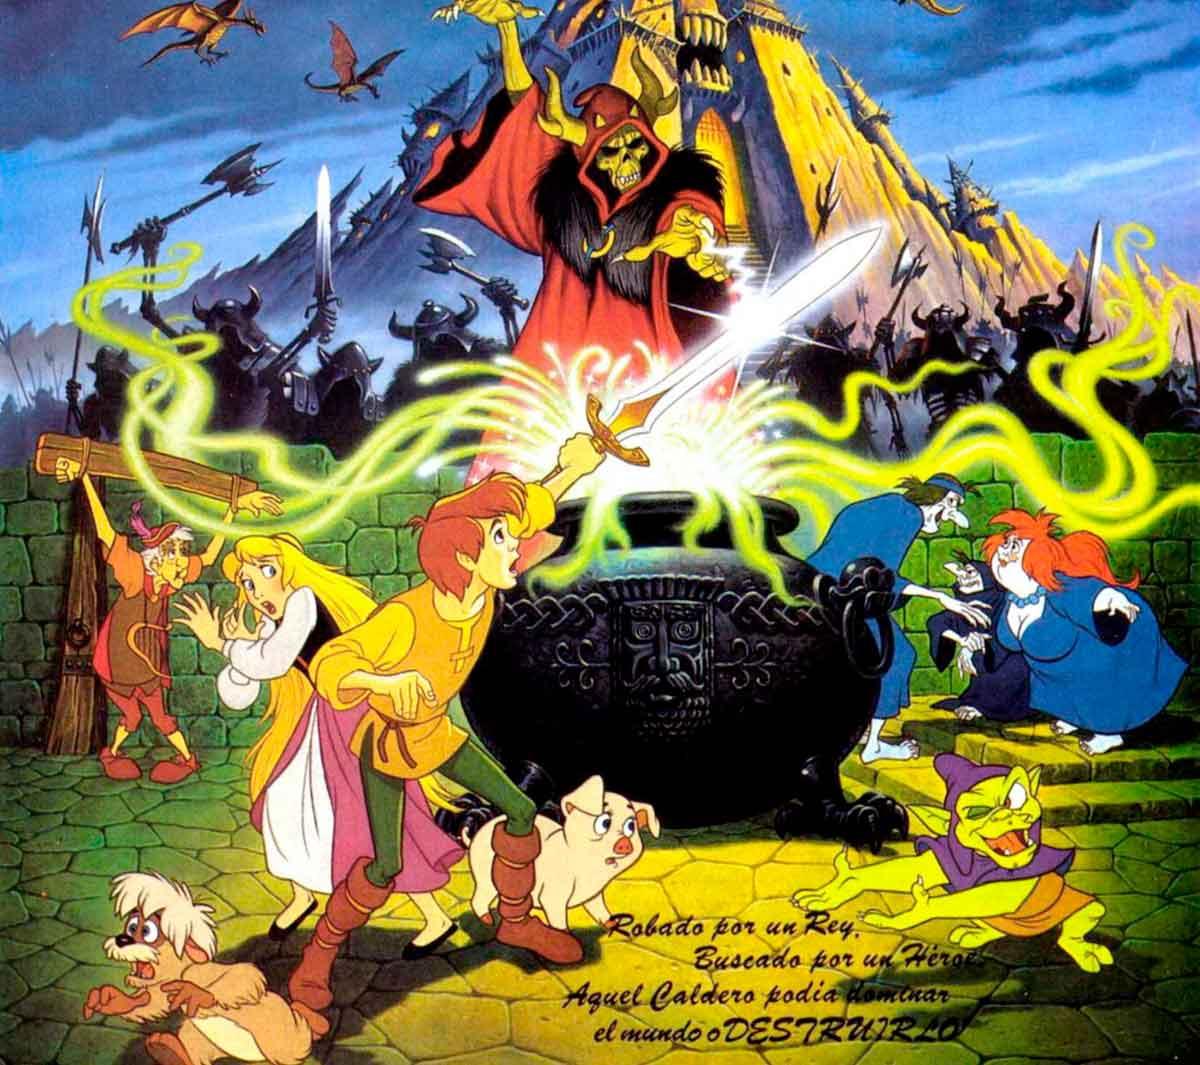 La película maldita de Disney que si merece una versión de acción real